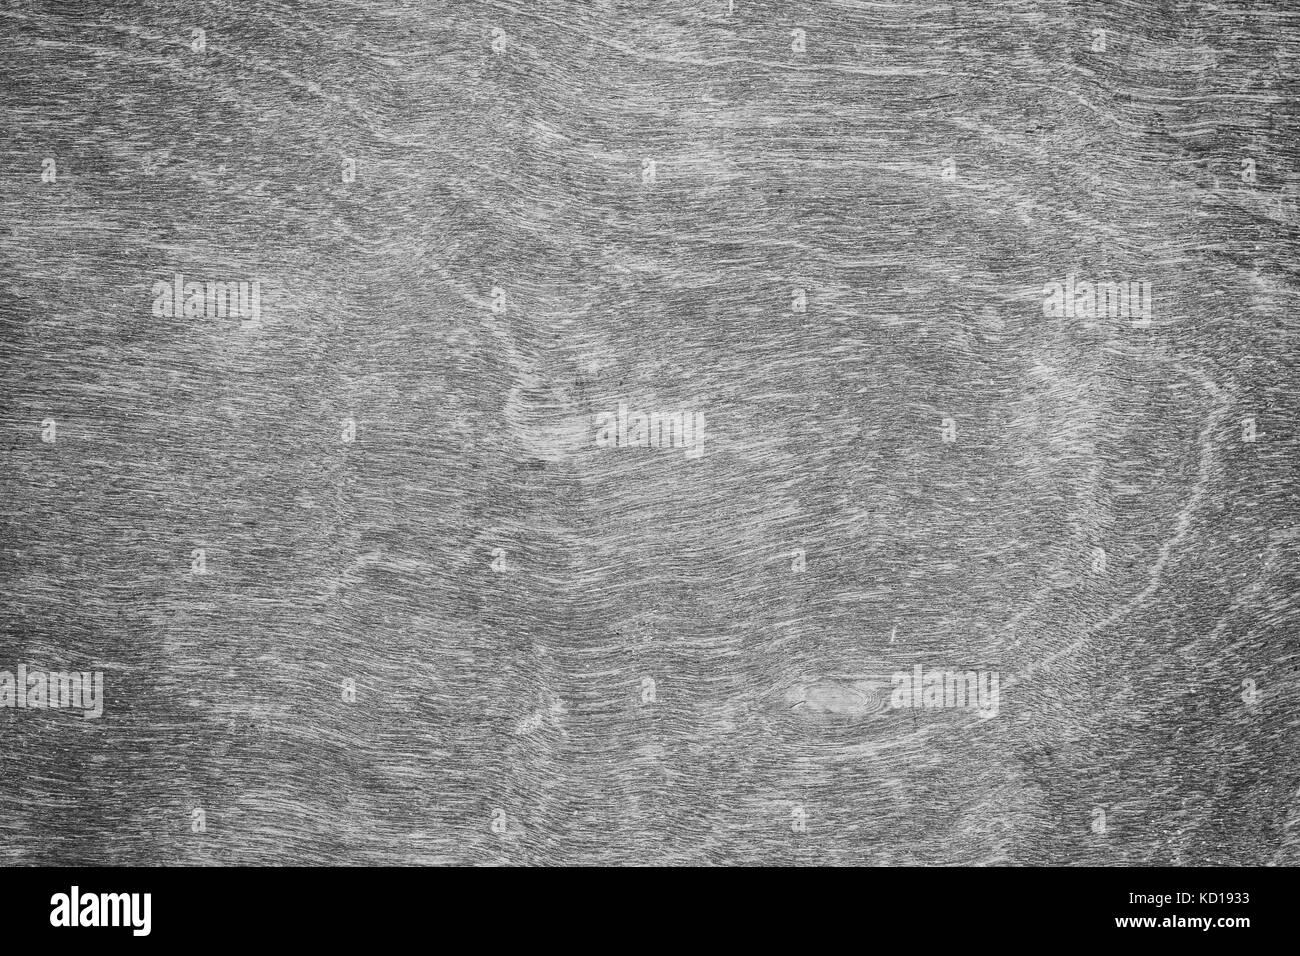 Legno Bianco Texture : Vecchio grunge di legno bianco e nero e colore foto stock thinkstock